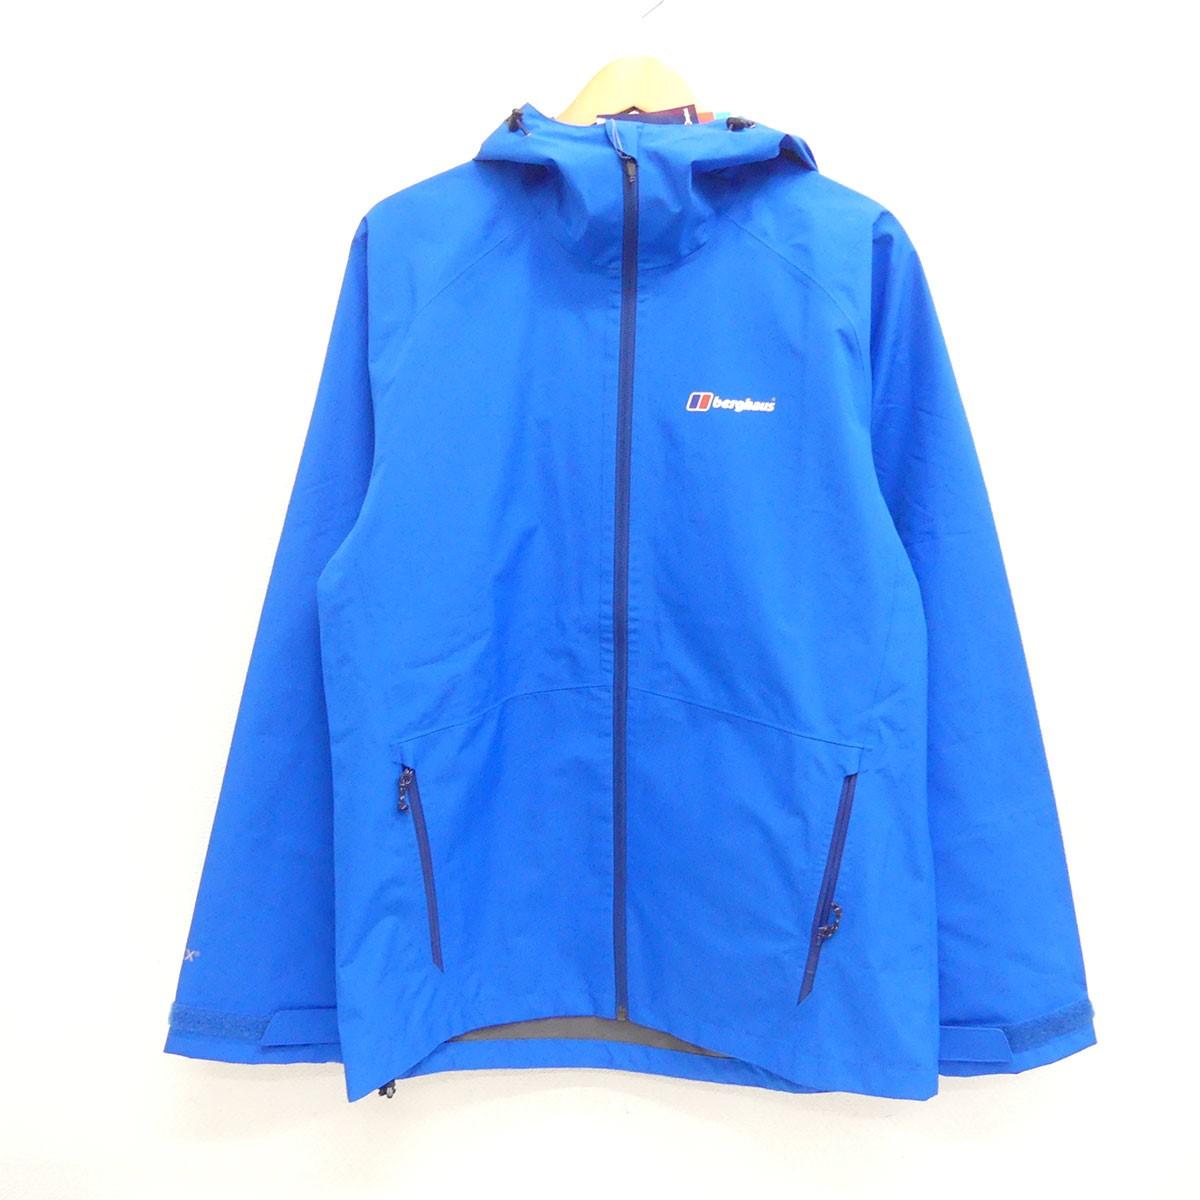 【10月17日 お値段見直しました】【中古】berghausPaclite 2.0 Shell Jacket マウンテンパーカー ブルー サイズ:M